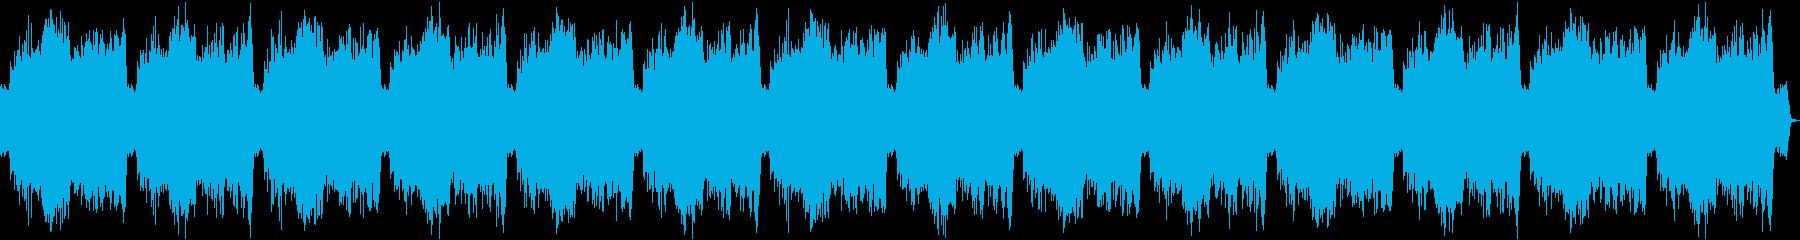 企業VP3 格調・上品・26分バージョンの再生済みの波形